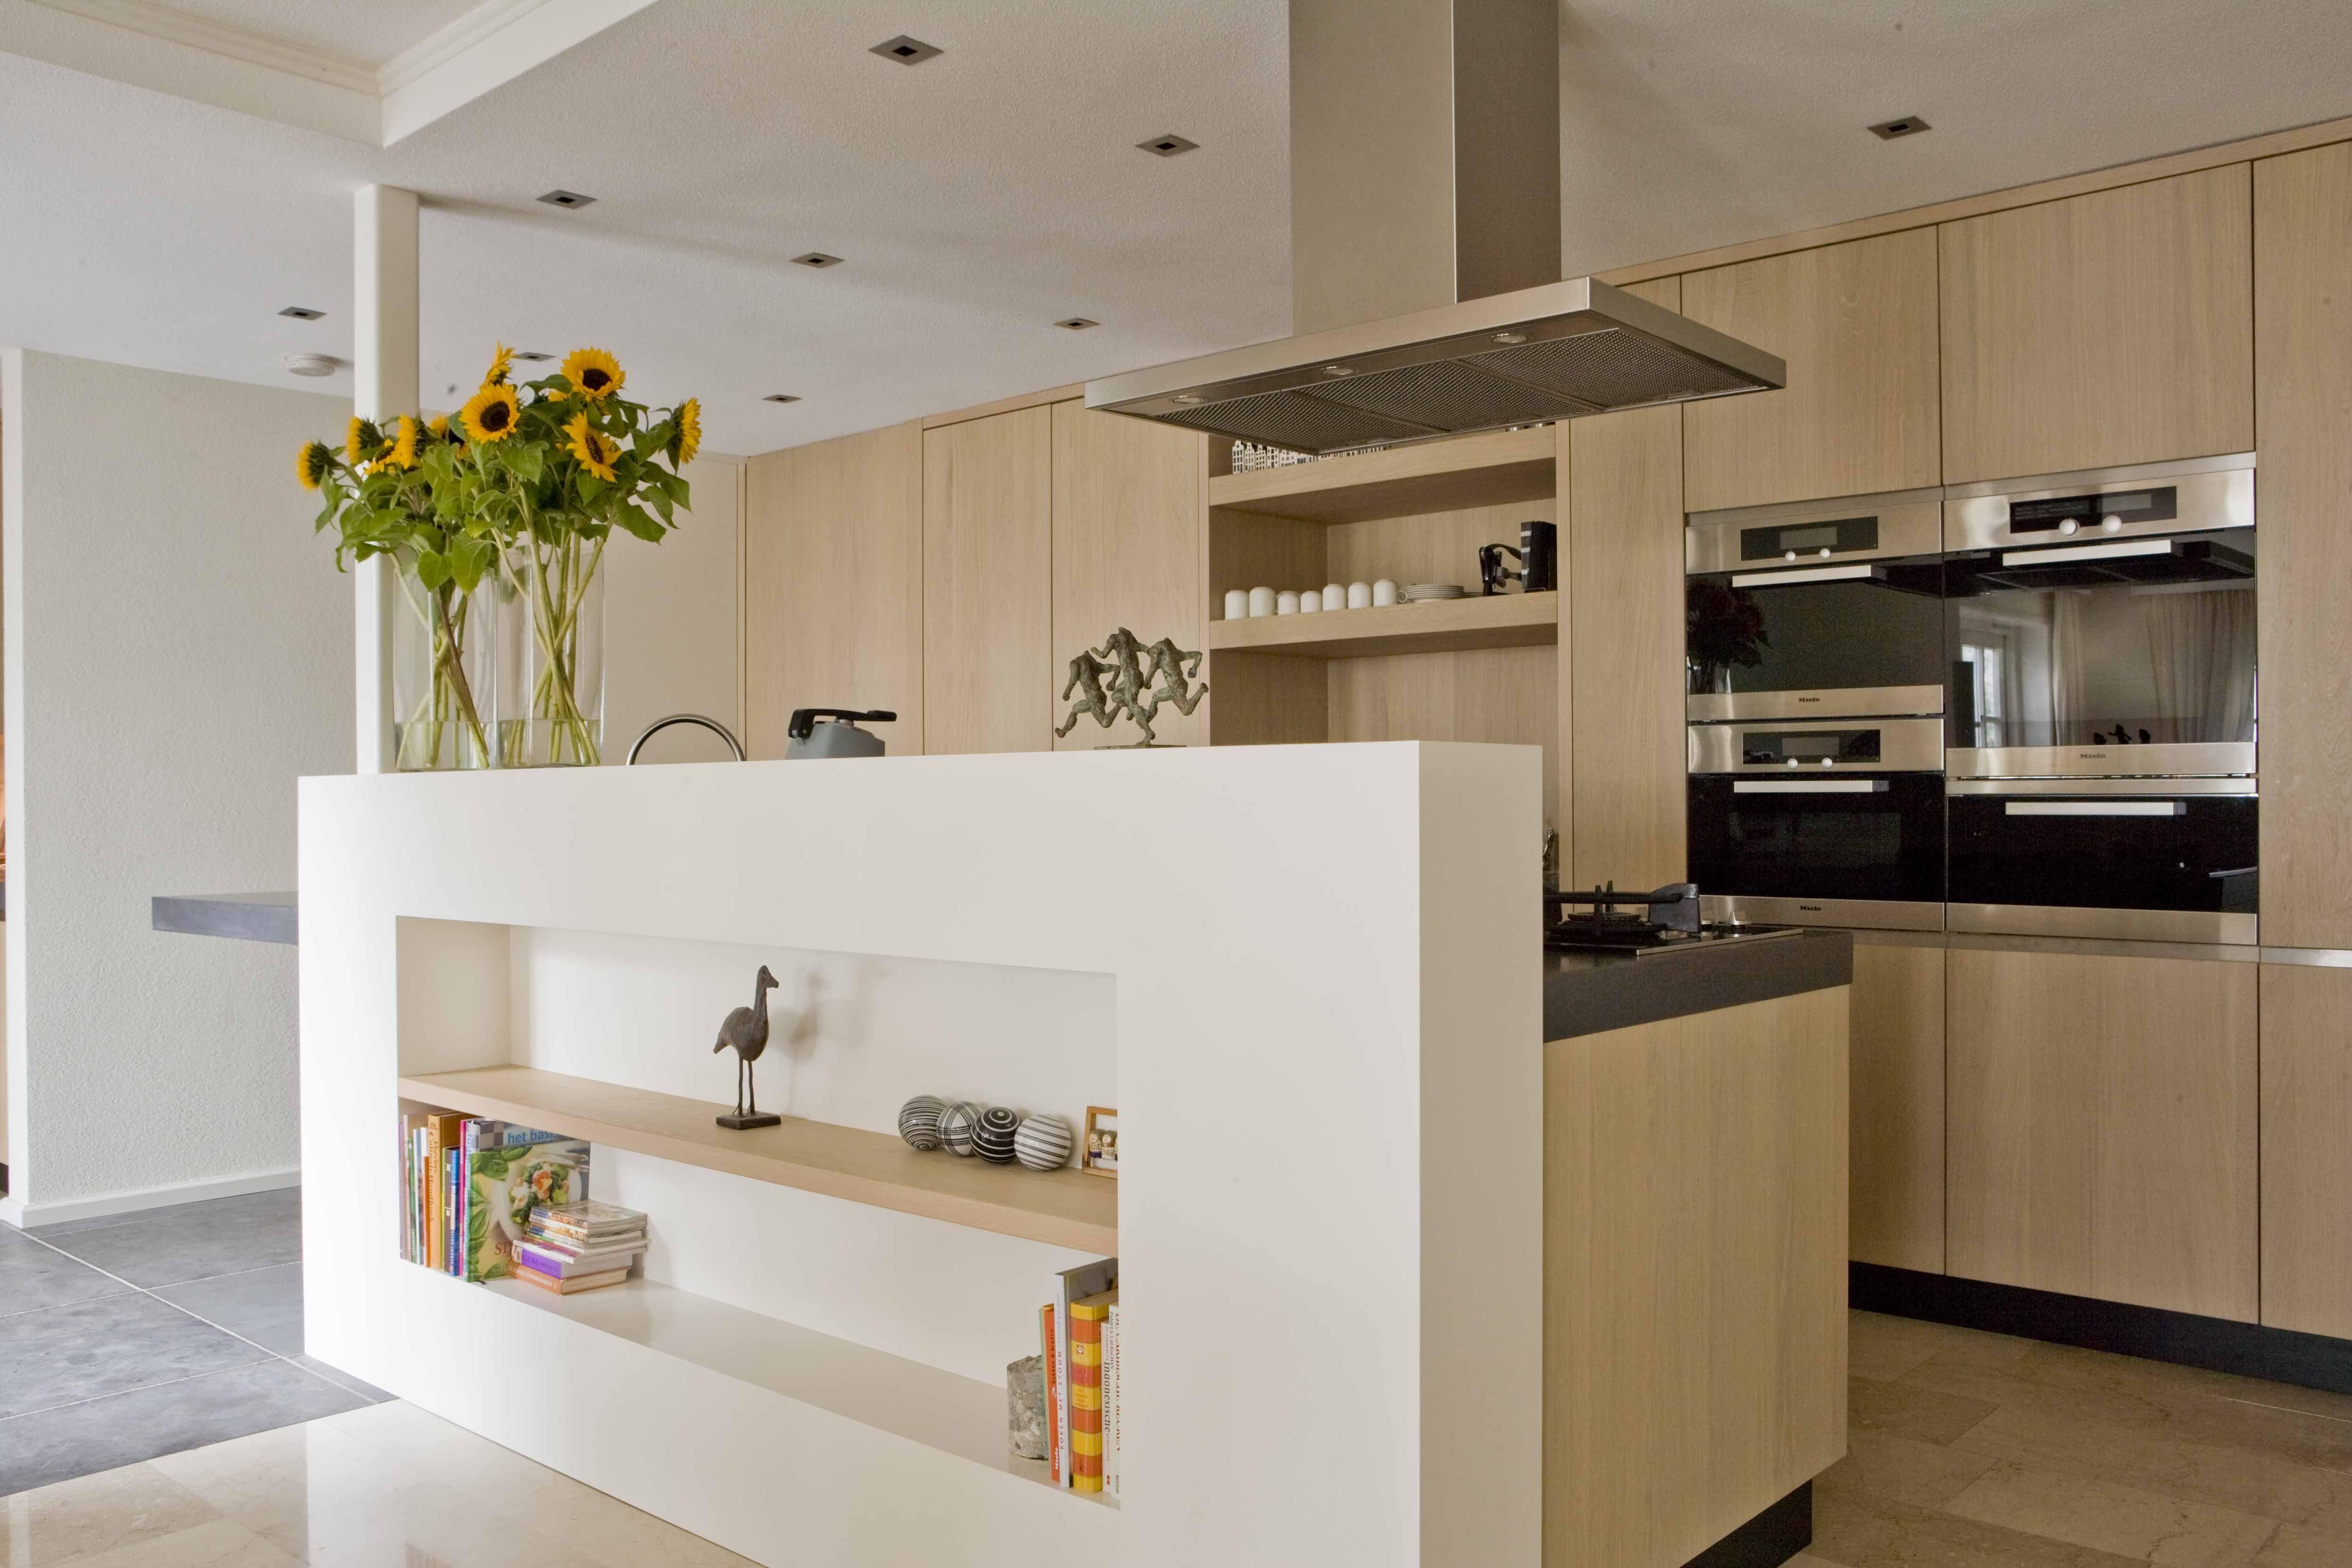 Scheidingswand Woonkamer Keuken : Scheidingswand ecosia